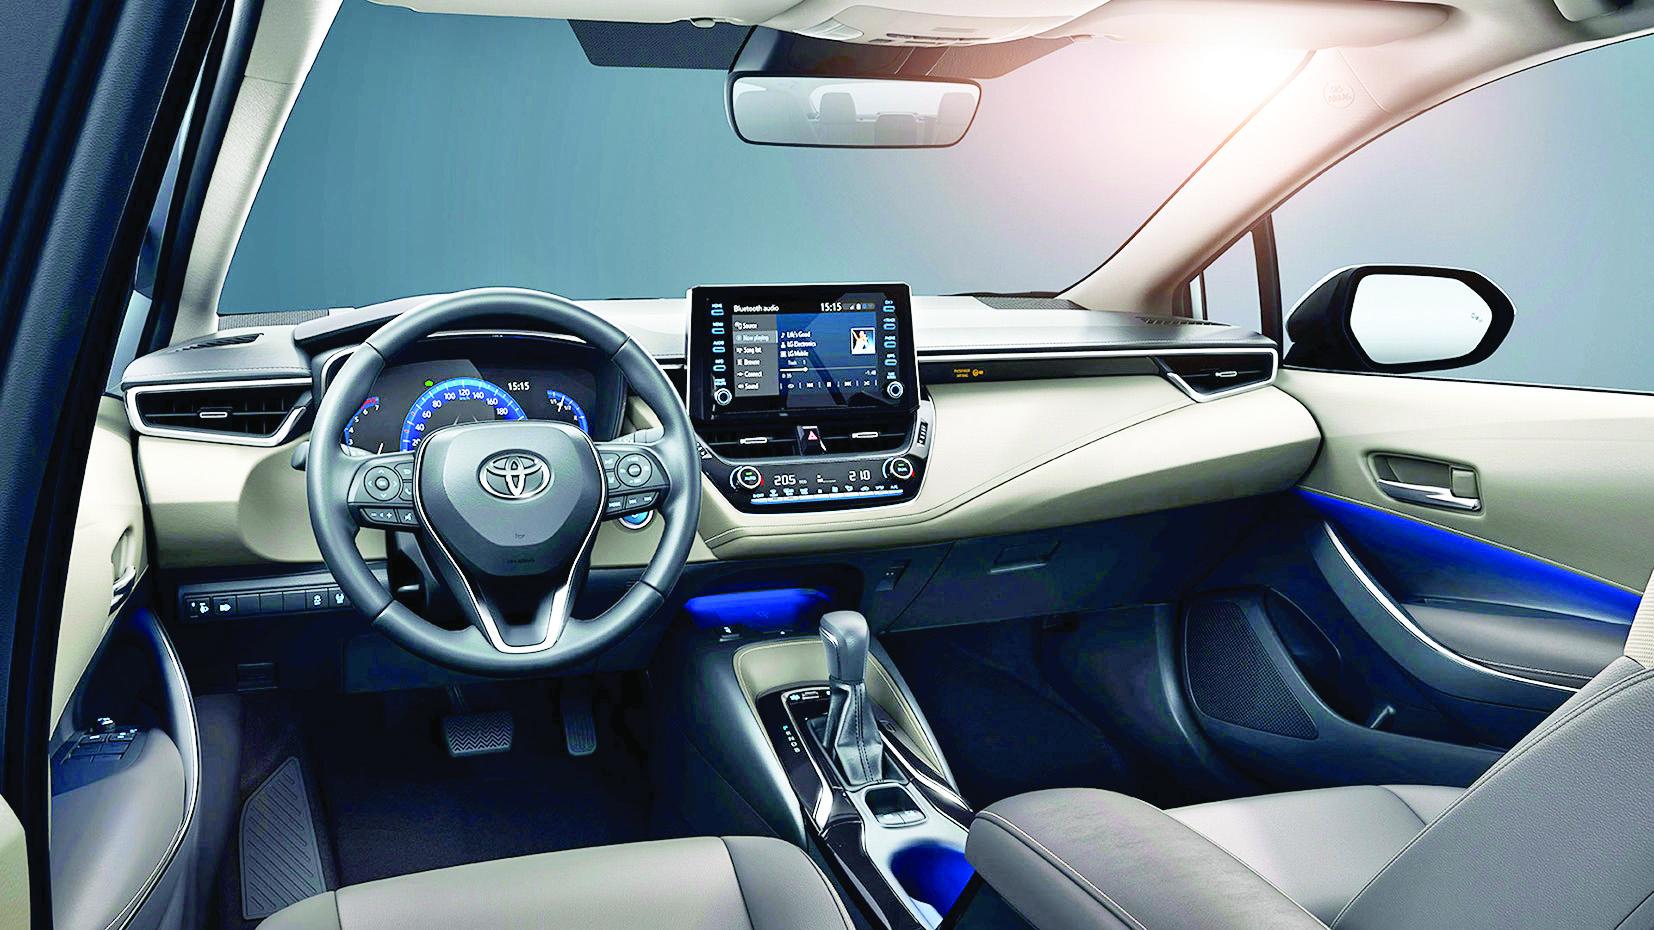 İklim değişikliğine en hızlı duruş sergileyen sektörlerin başında otomobilciler geldi. Toyota Türkiye'de üretilen ilk hibrit otomobile imzasını attı.